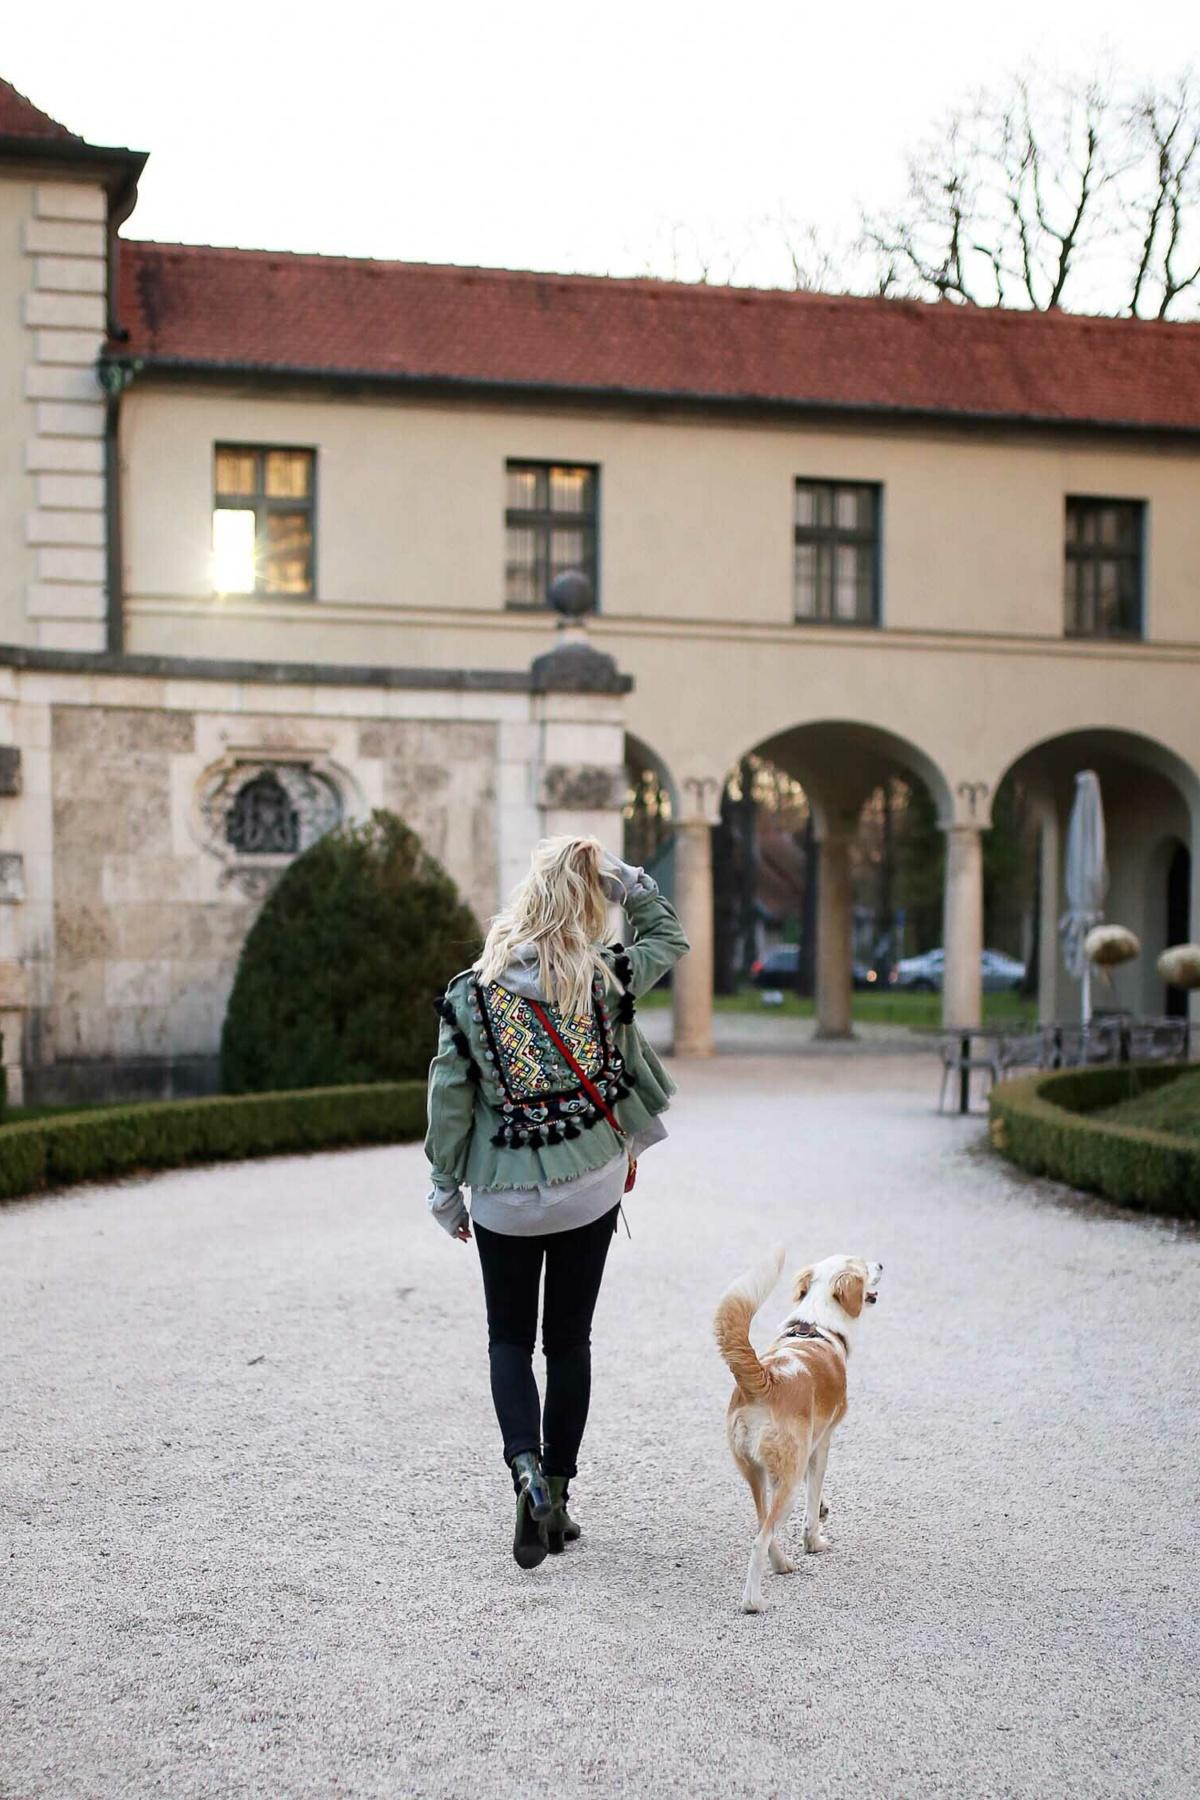 stylingliebe-lifestyleblogger-fashionblog-muenchen-styleblog-munich-blogger-deutschland-fashionblogger-bloggerdeutschland-lifestyleblog-modeblog-germanblogger-warum-du-einen-hund-haben-solltest-3